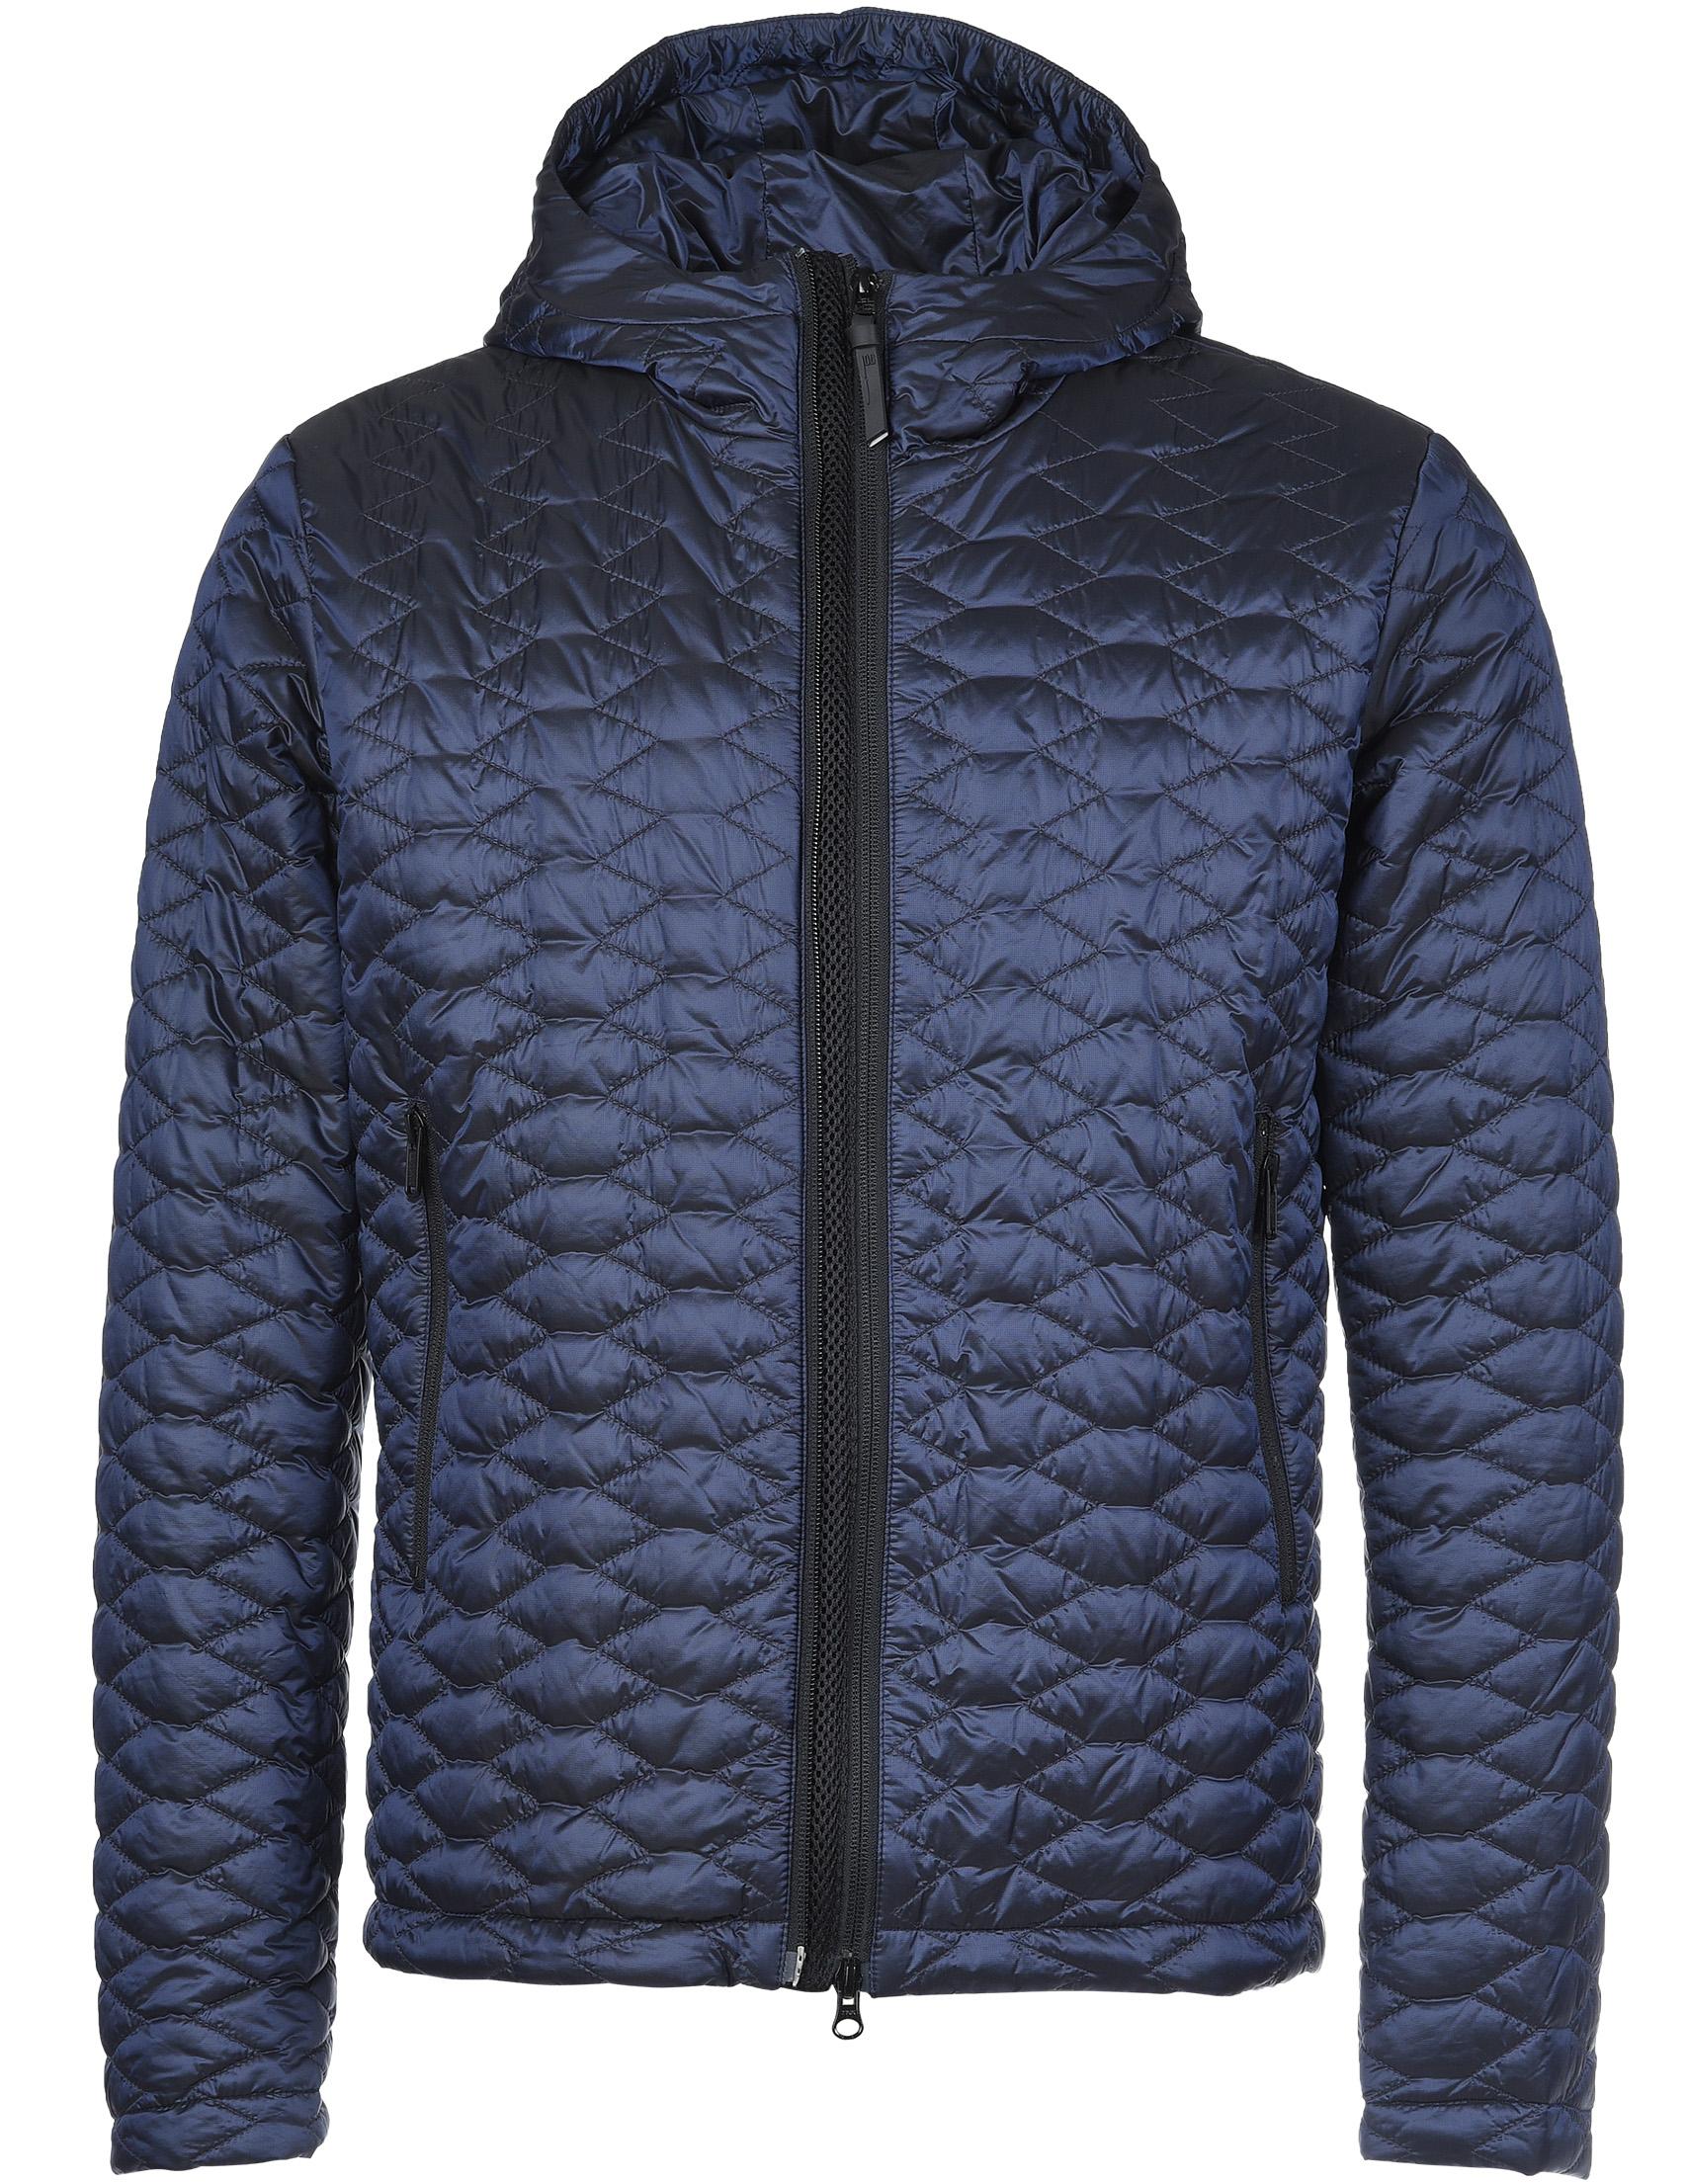 Купить Куртка, BOMBOOGIE, Синий, 100%Нейлон;100%Полиэстер, Осень-Зима